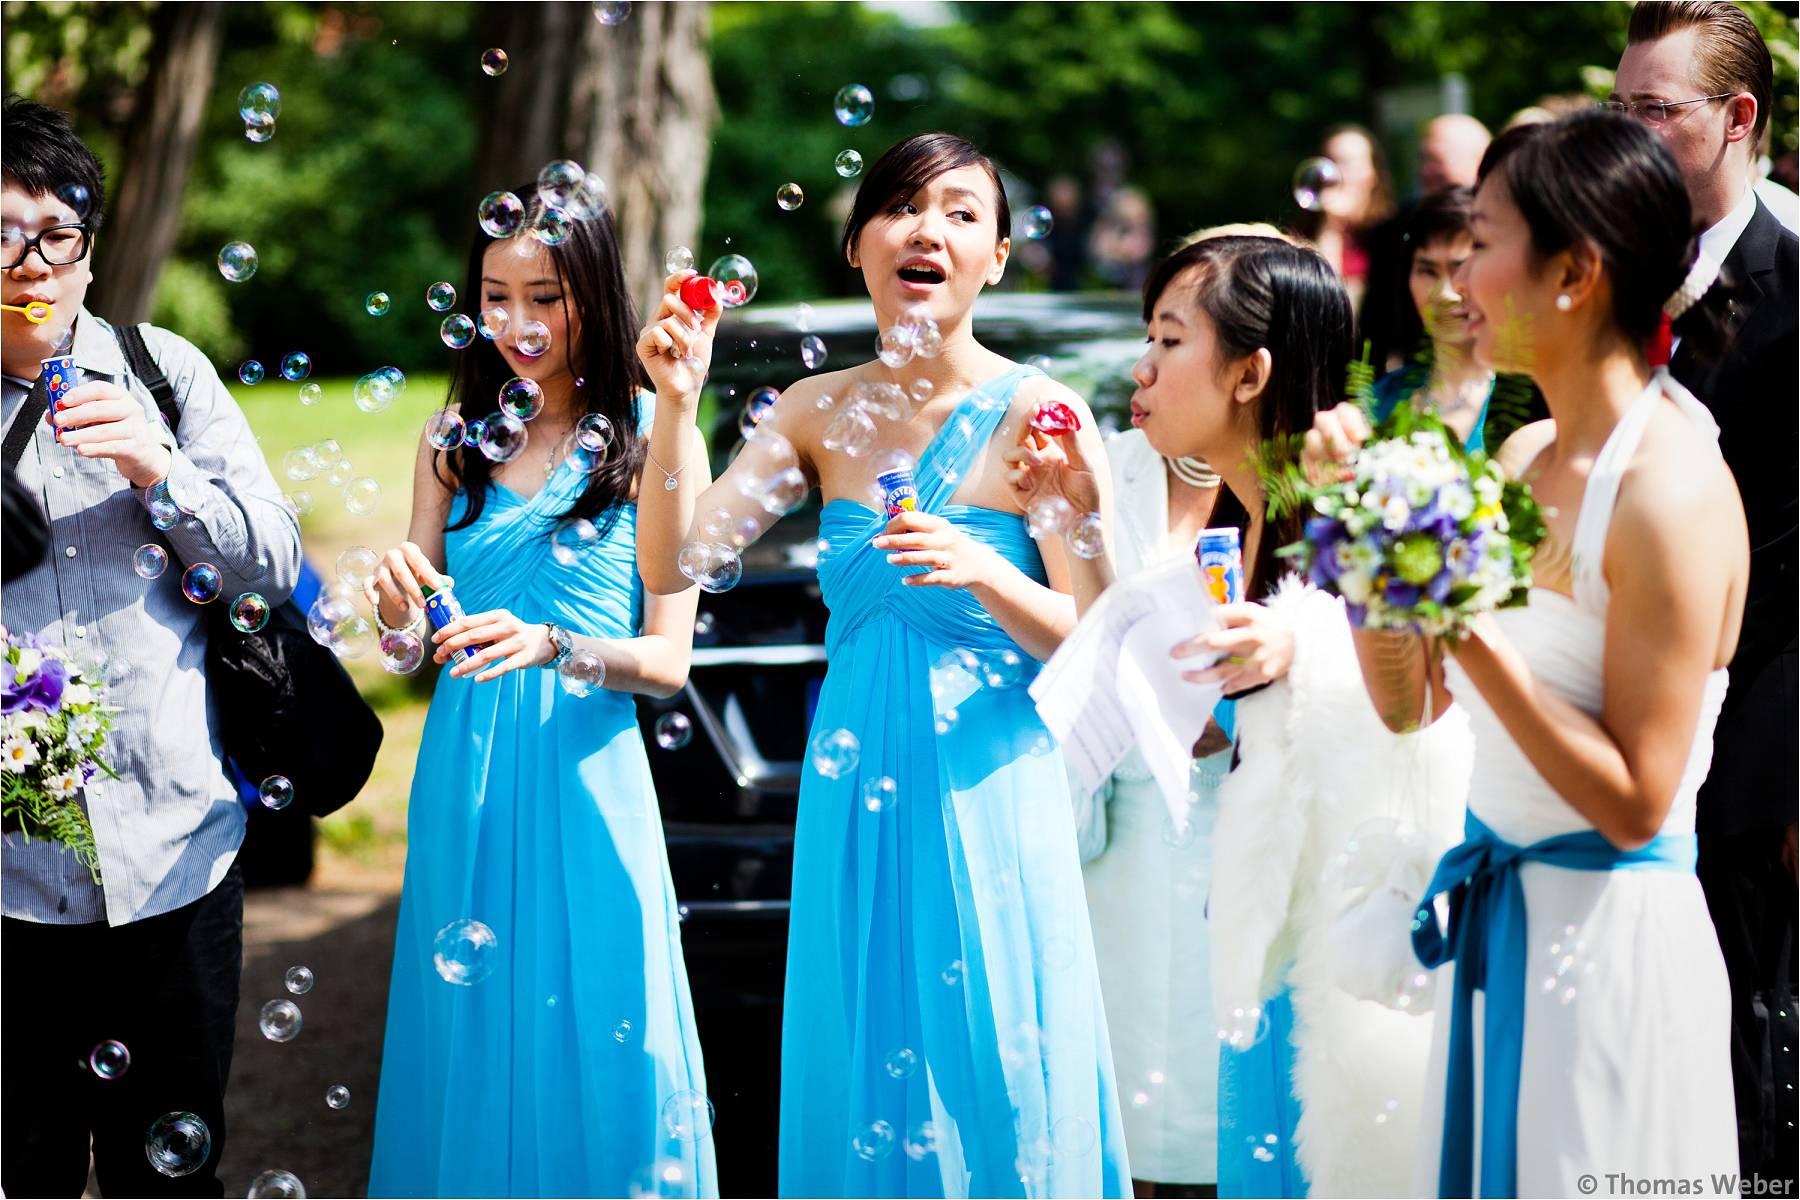 Hochzeitsfotograf Bremen: Deutsch-Chinesische Hochzeit in Worpswede, Grasberg und Bremen (7)